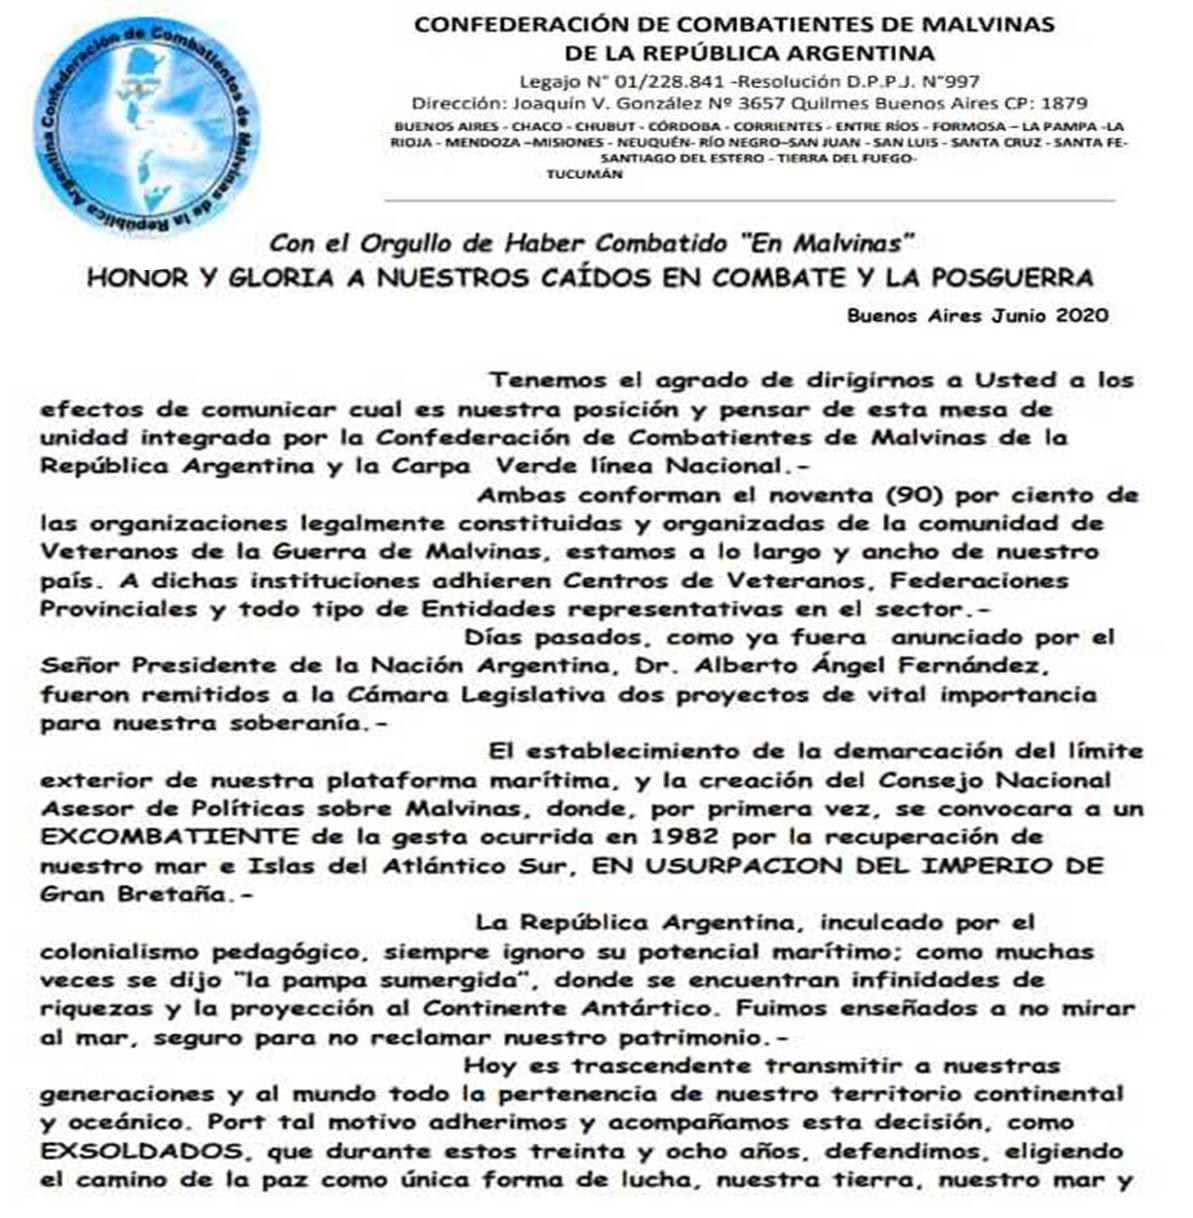 La confederación apoyando las iniciativas del Ejecutivo Nacional.